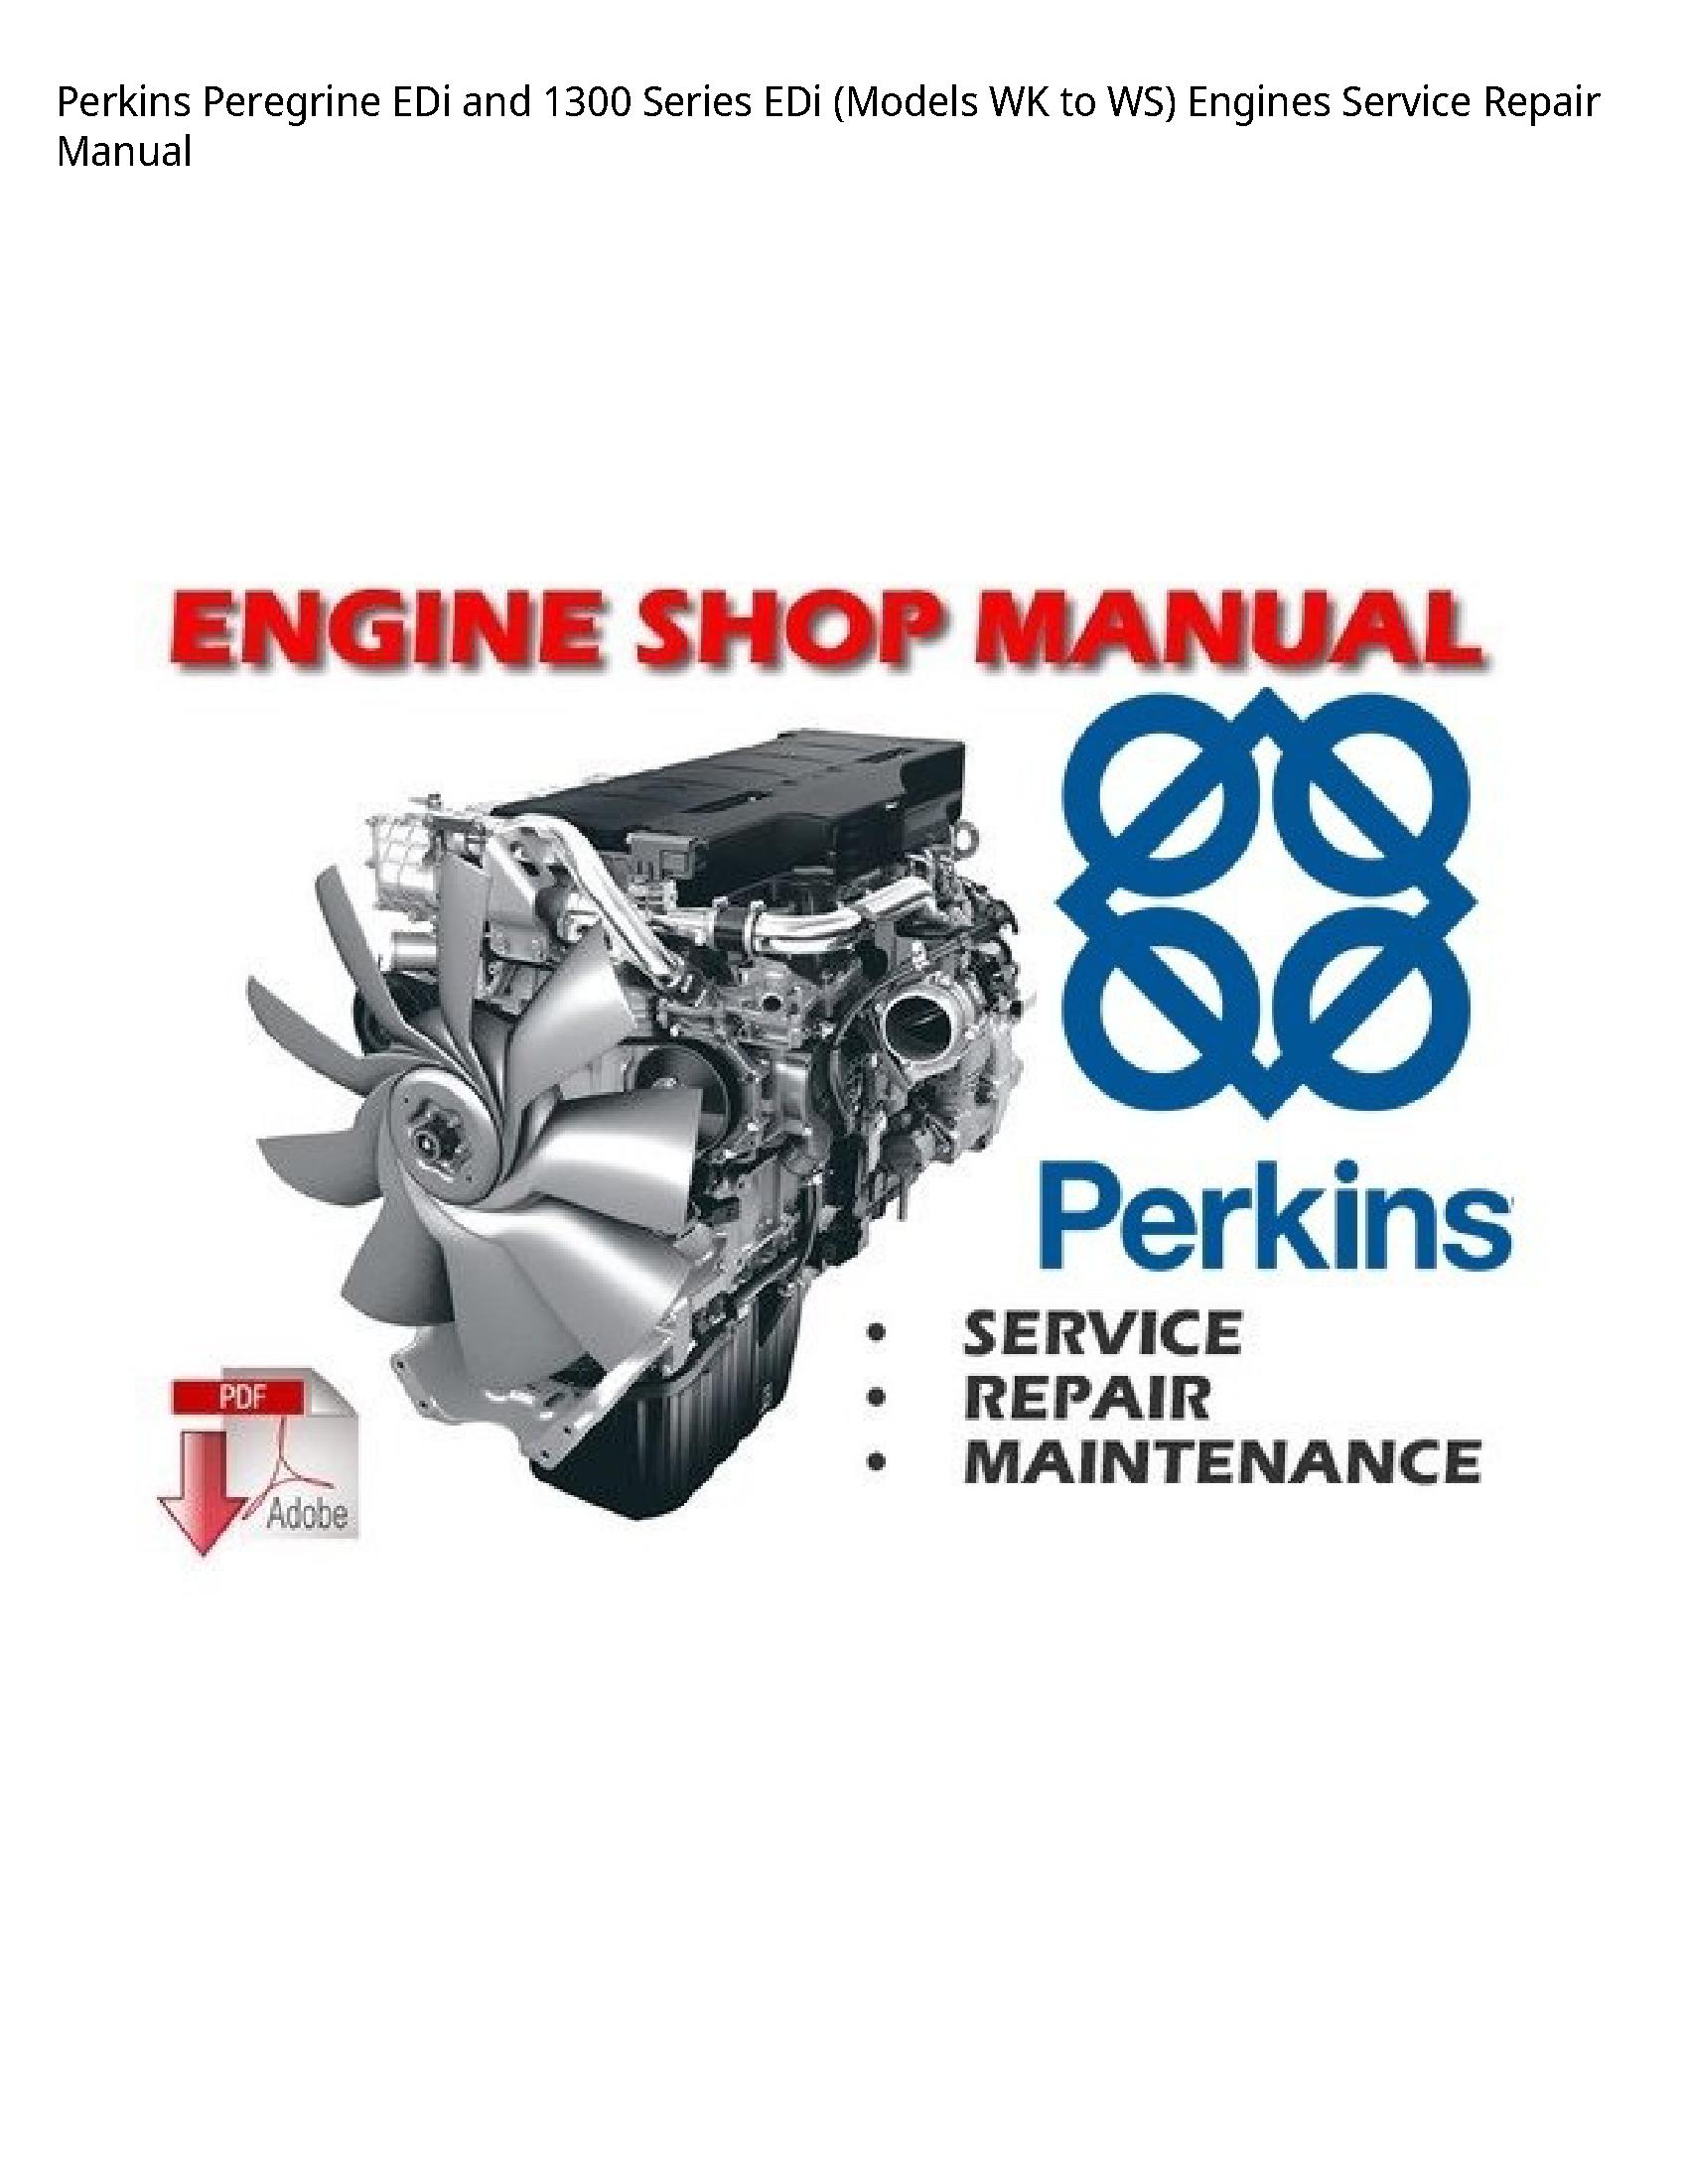 Perkins 1300 Peregrine EDi  Series EDi (Models WK to WS) Engines manual